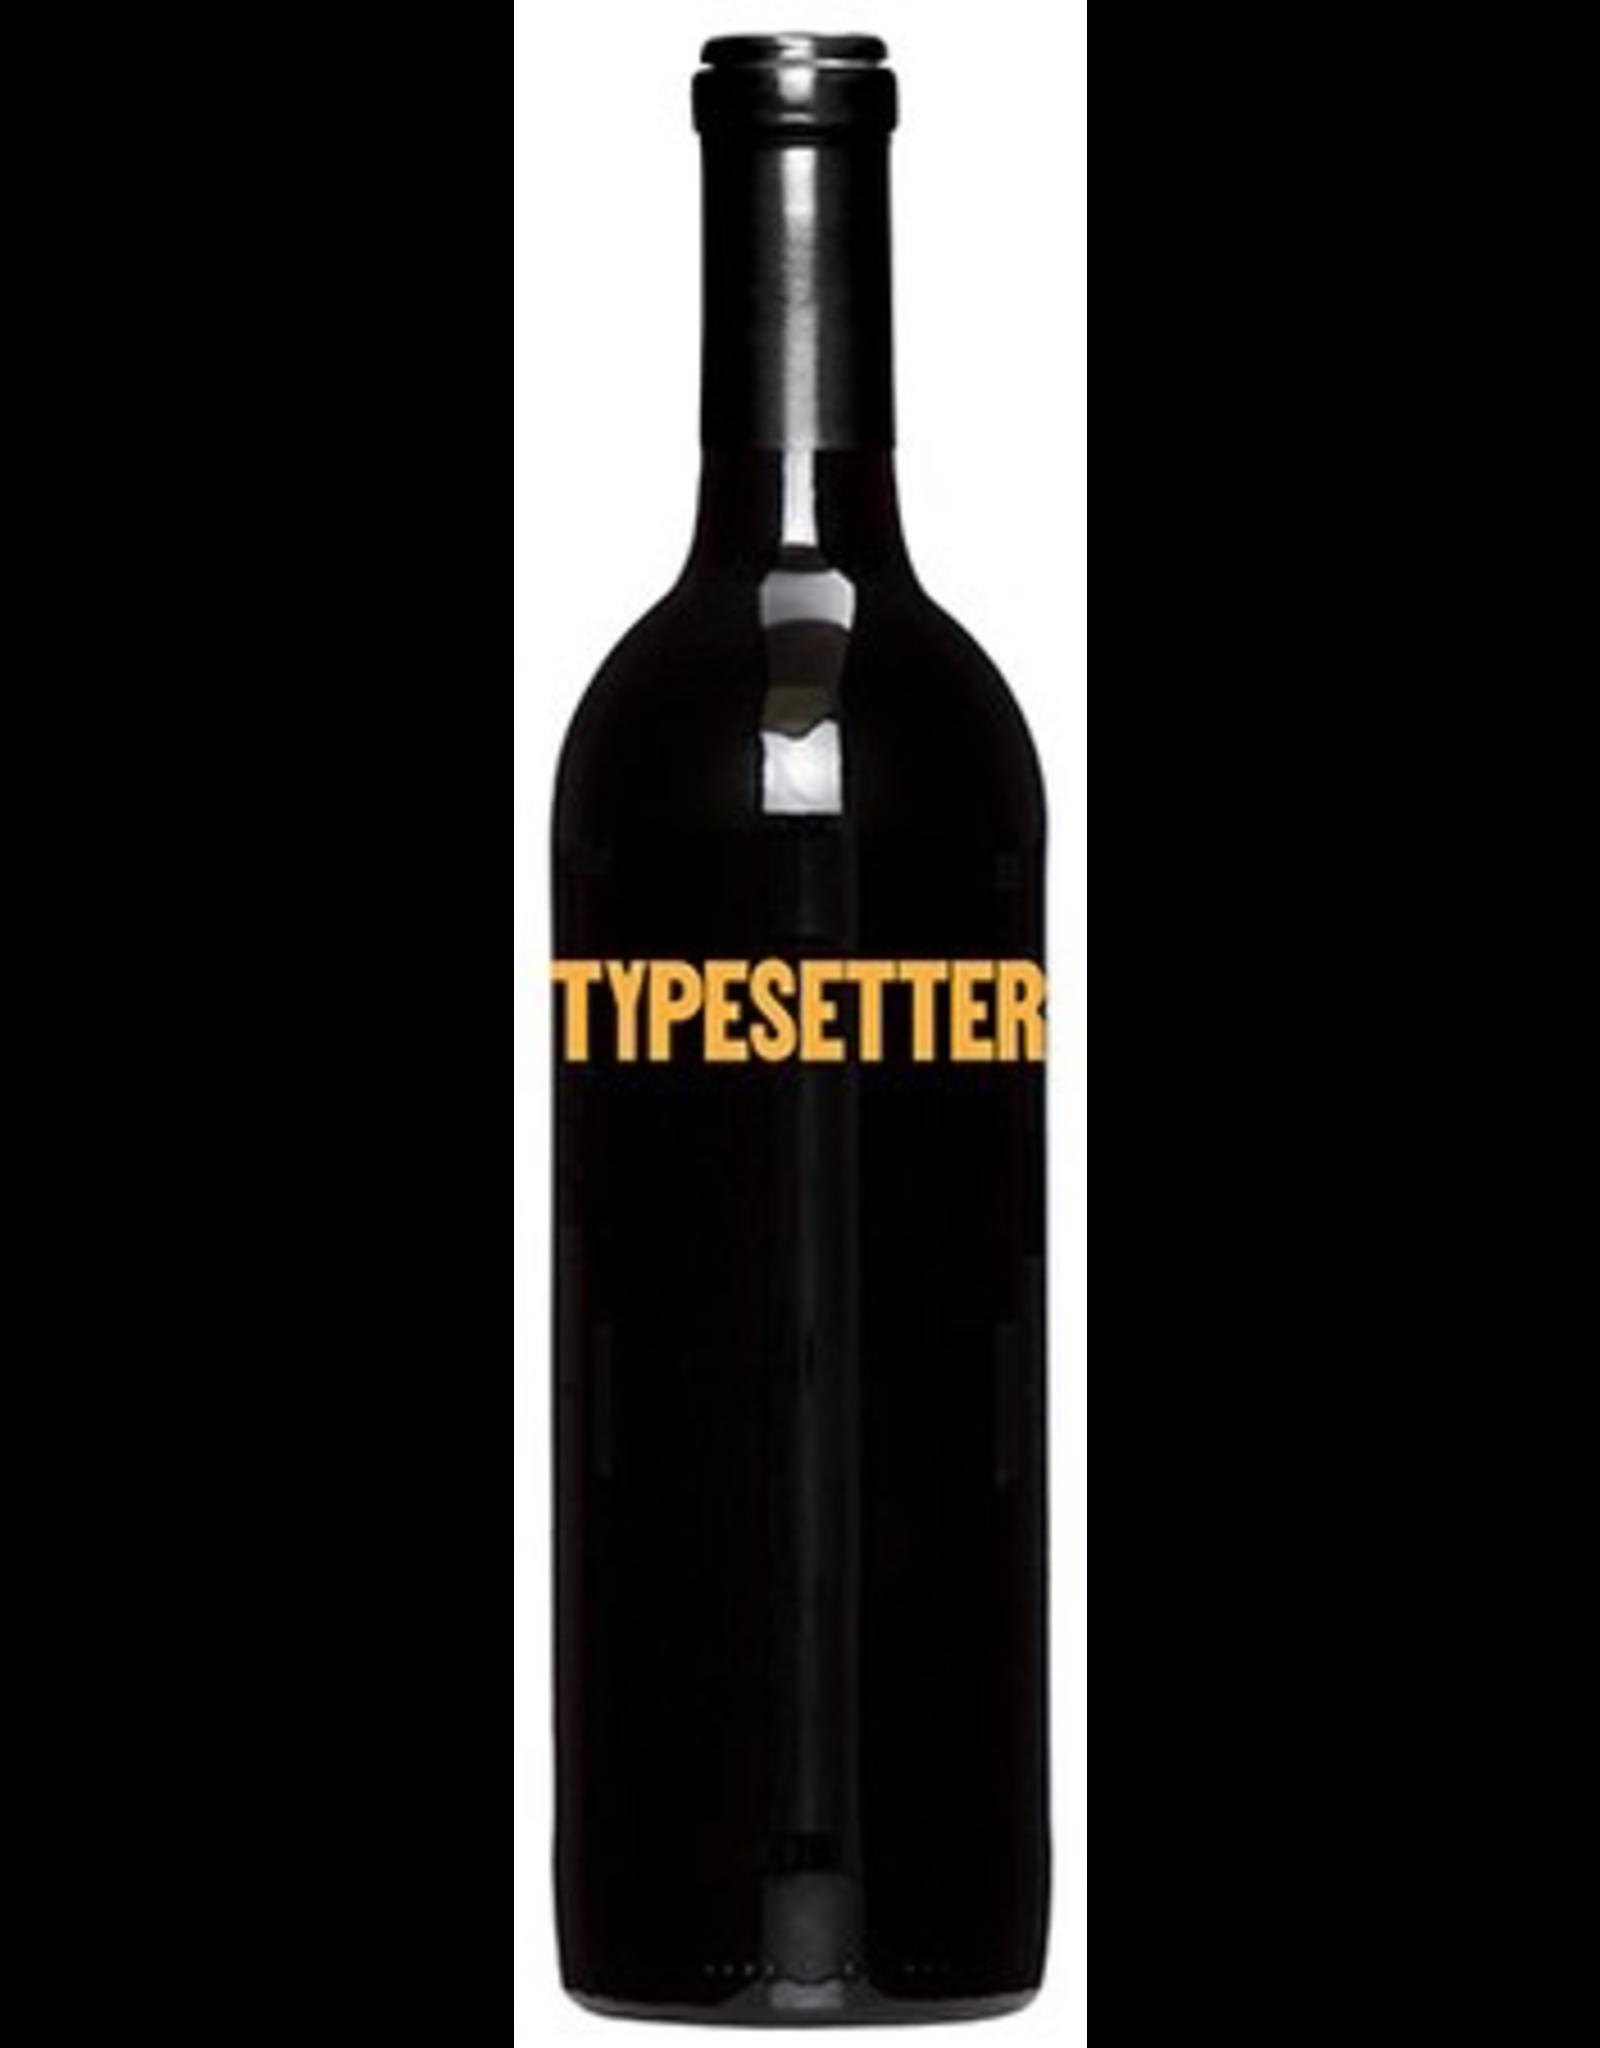 Red Wine 2018, Typesetter, Cabernet Sauvignon, Multi AVA, Napa Valley, California, 13.5% Alc, Ctna